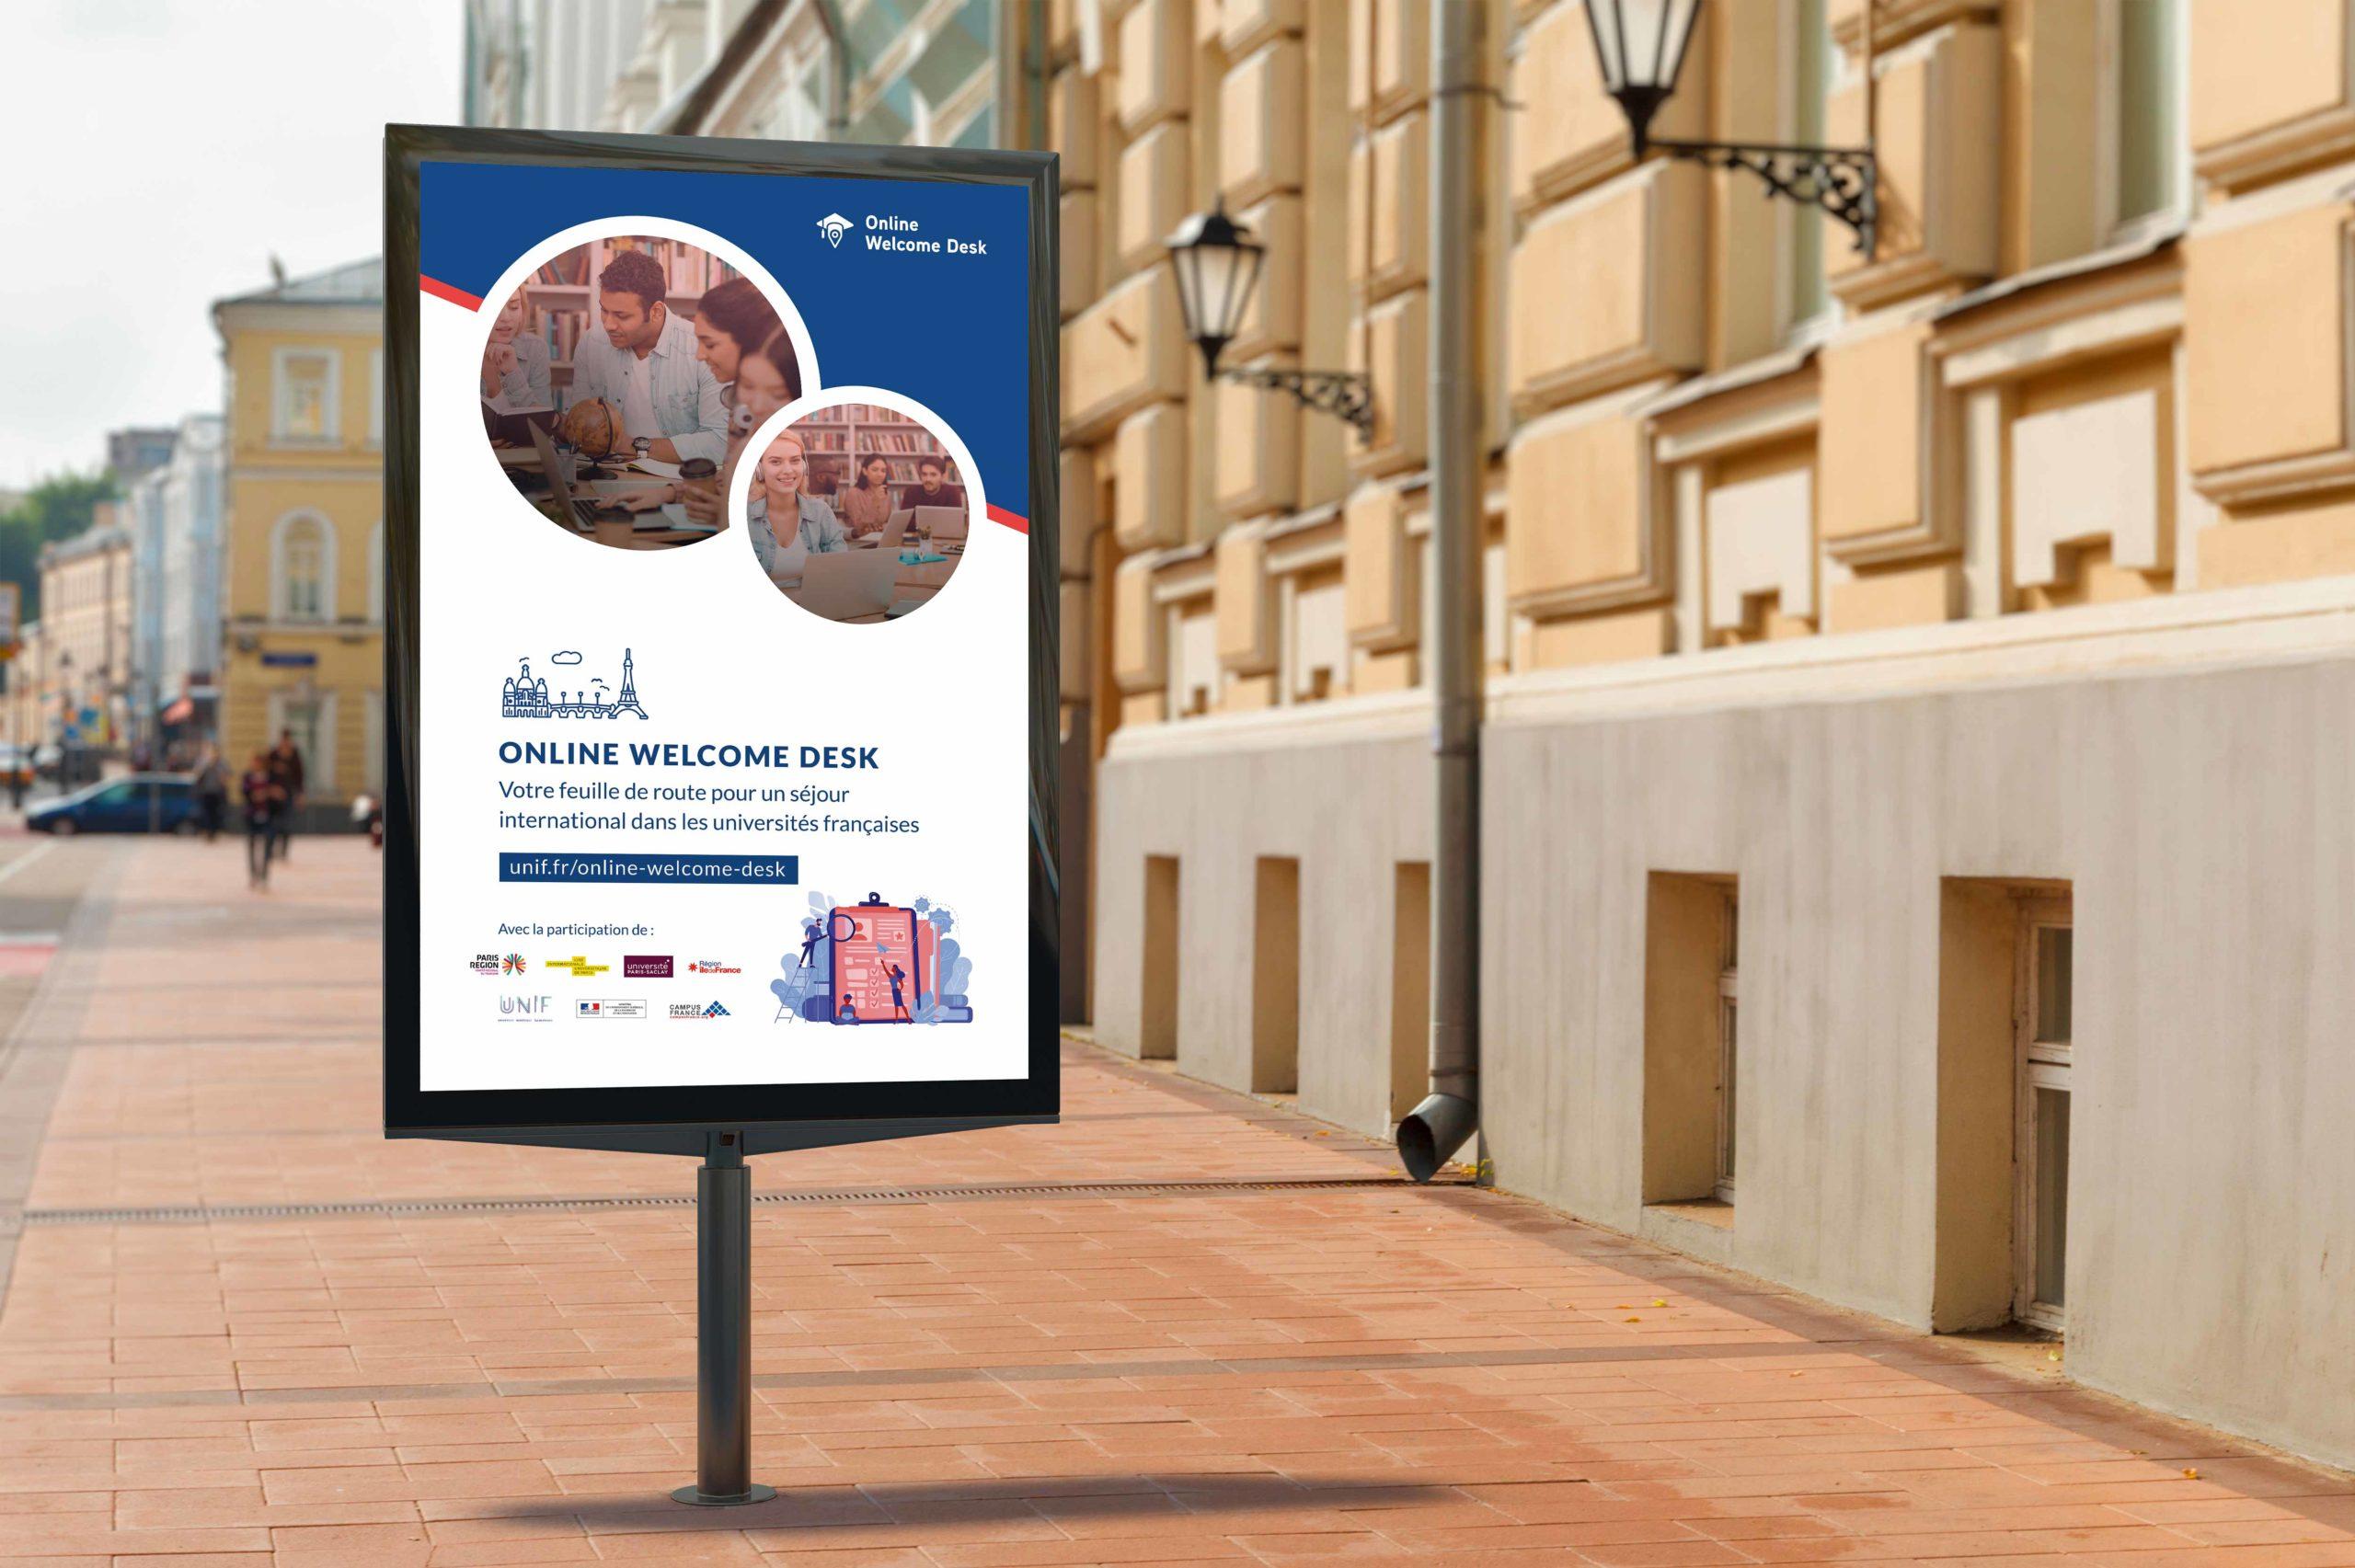 Panneau publicitaire avec une affiche de communication pour mettre en avant la plateforme Online Welcome Desk. Affiche avec des photos rondes et un bandeau bleu.